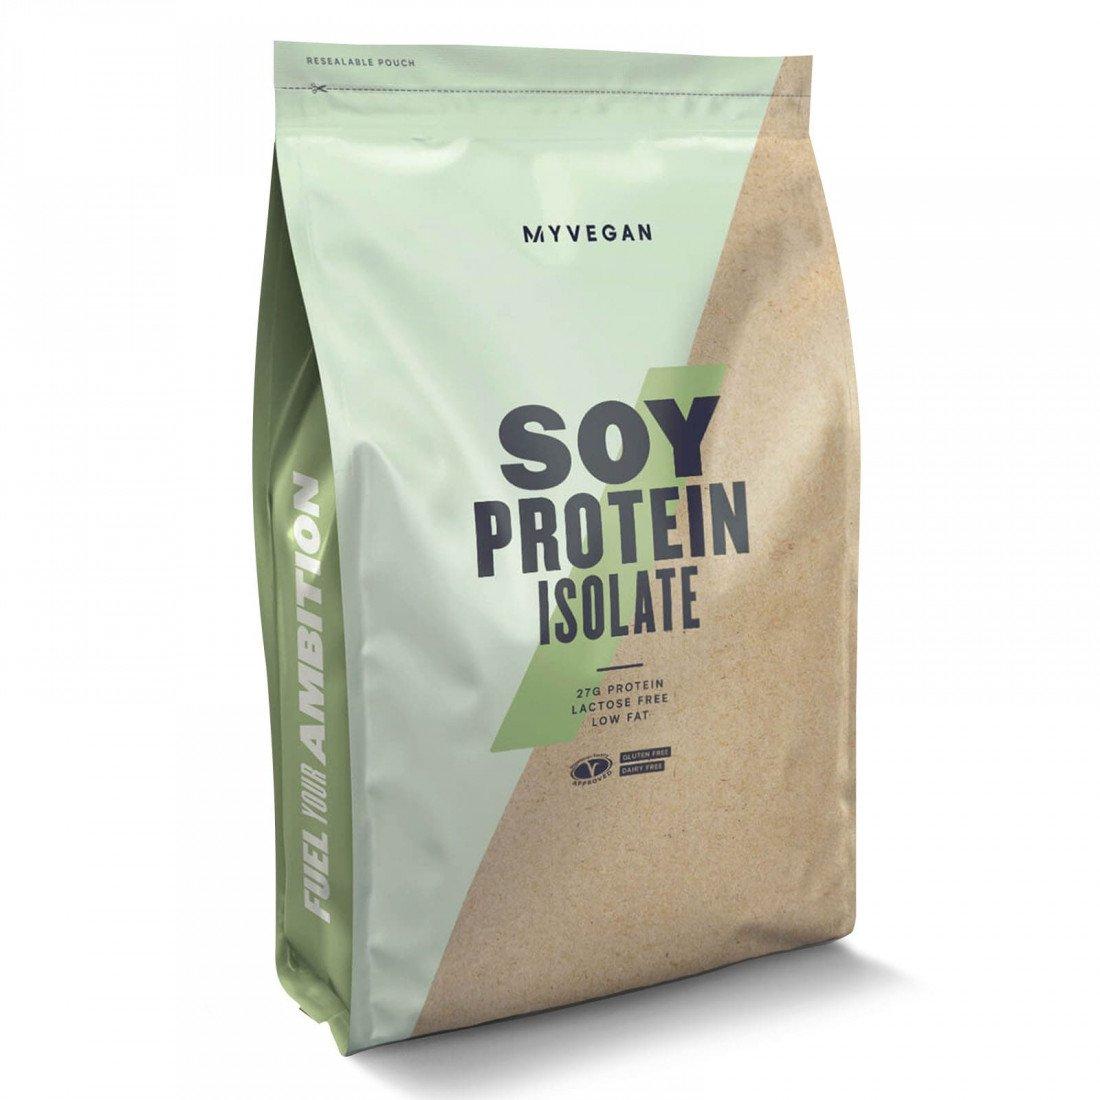 Изолят протеина – виды, состав, принцип действия и лучшие марки